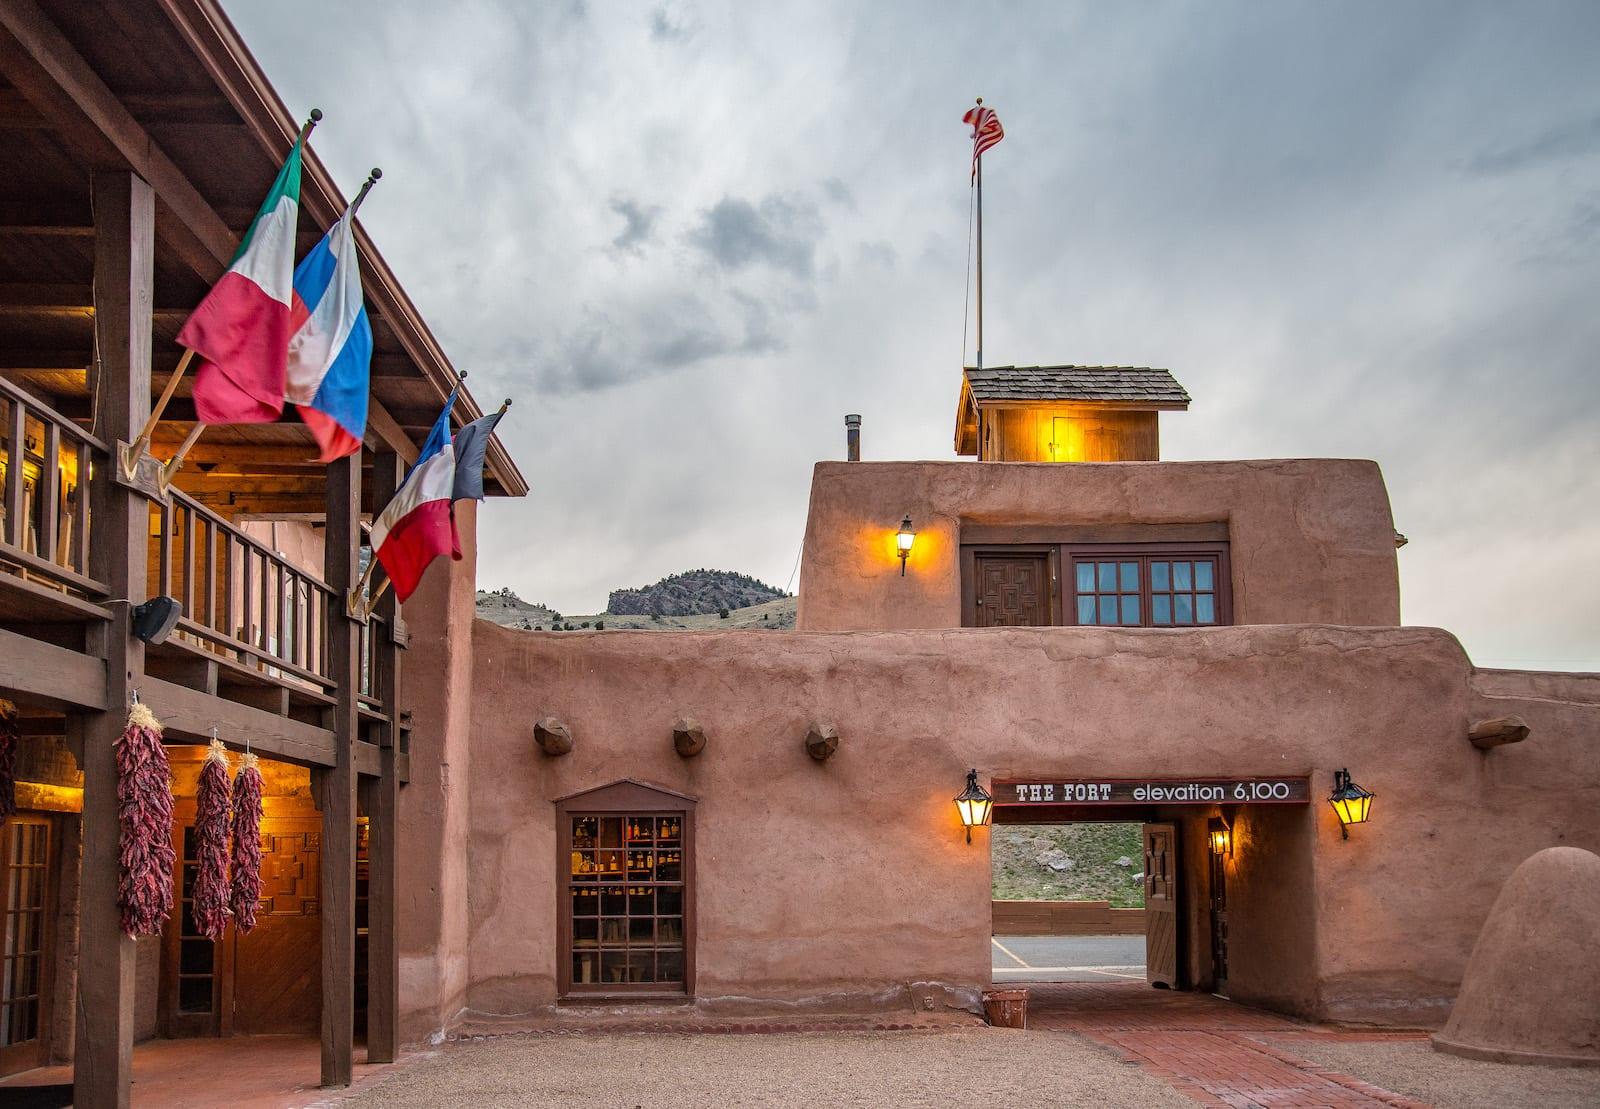 The Fort Restaurant Morrison CO Based on Bent's Old Fort